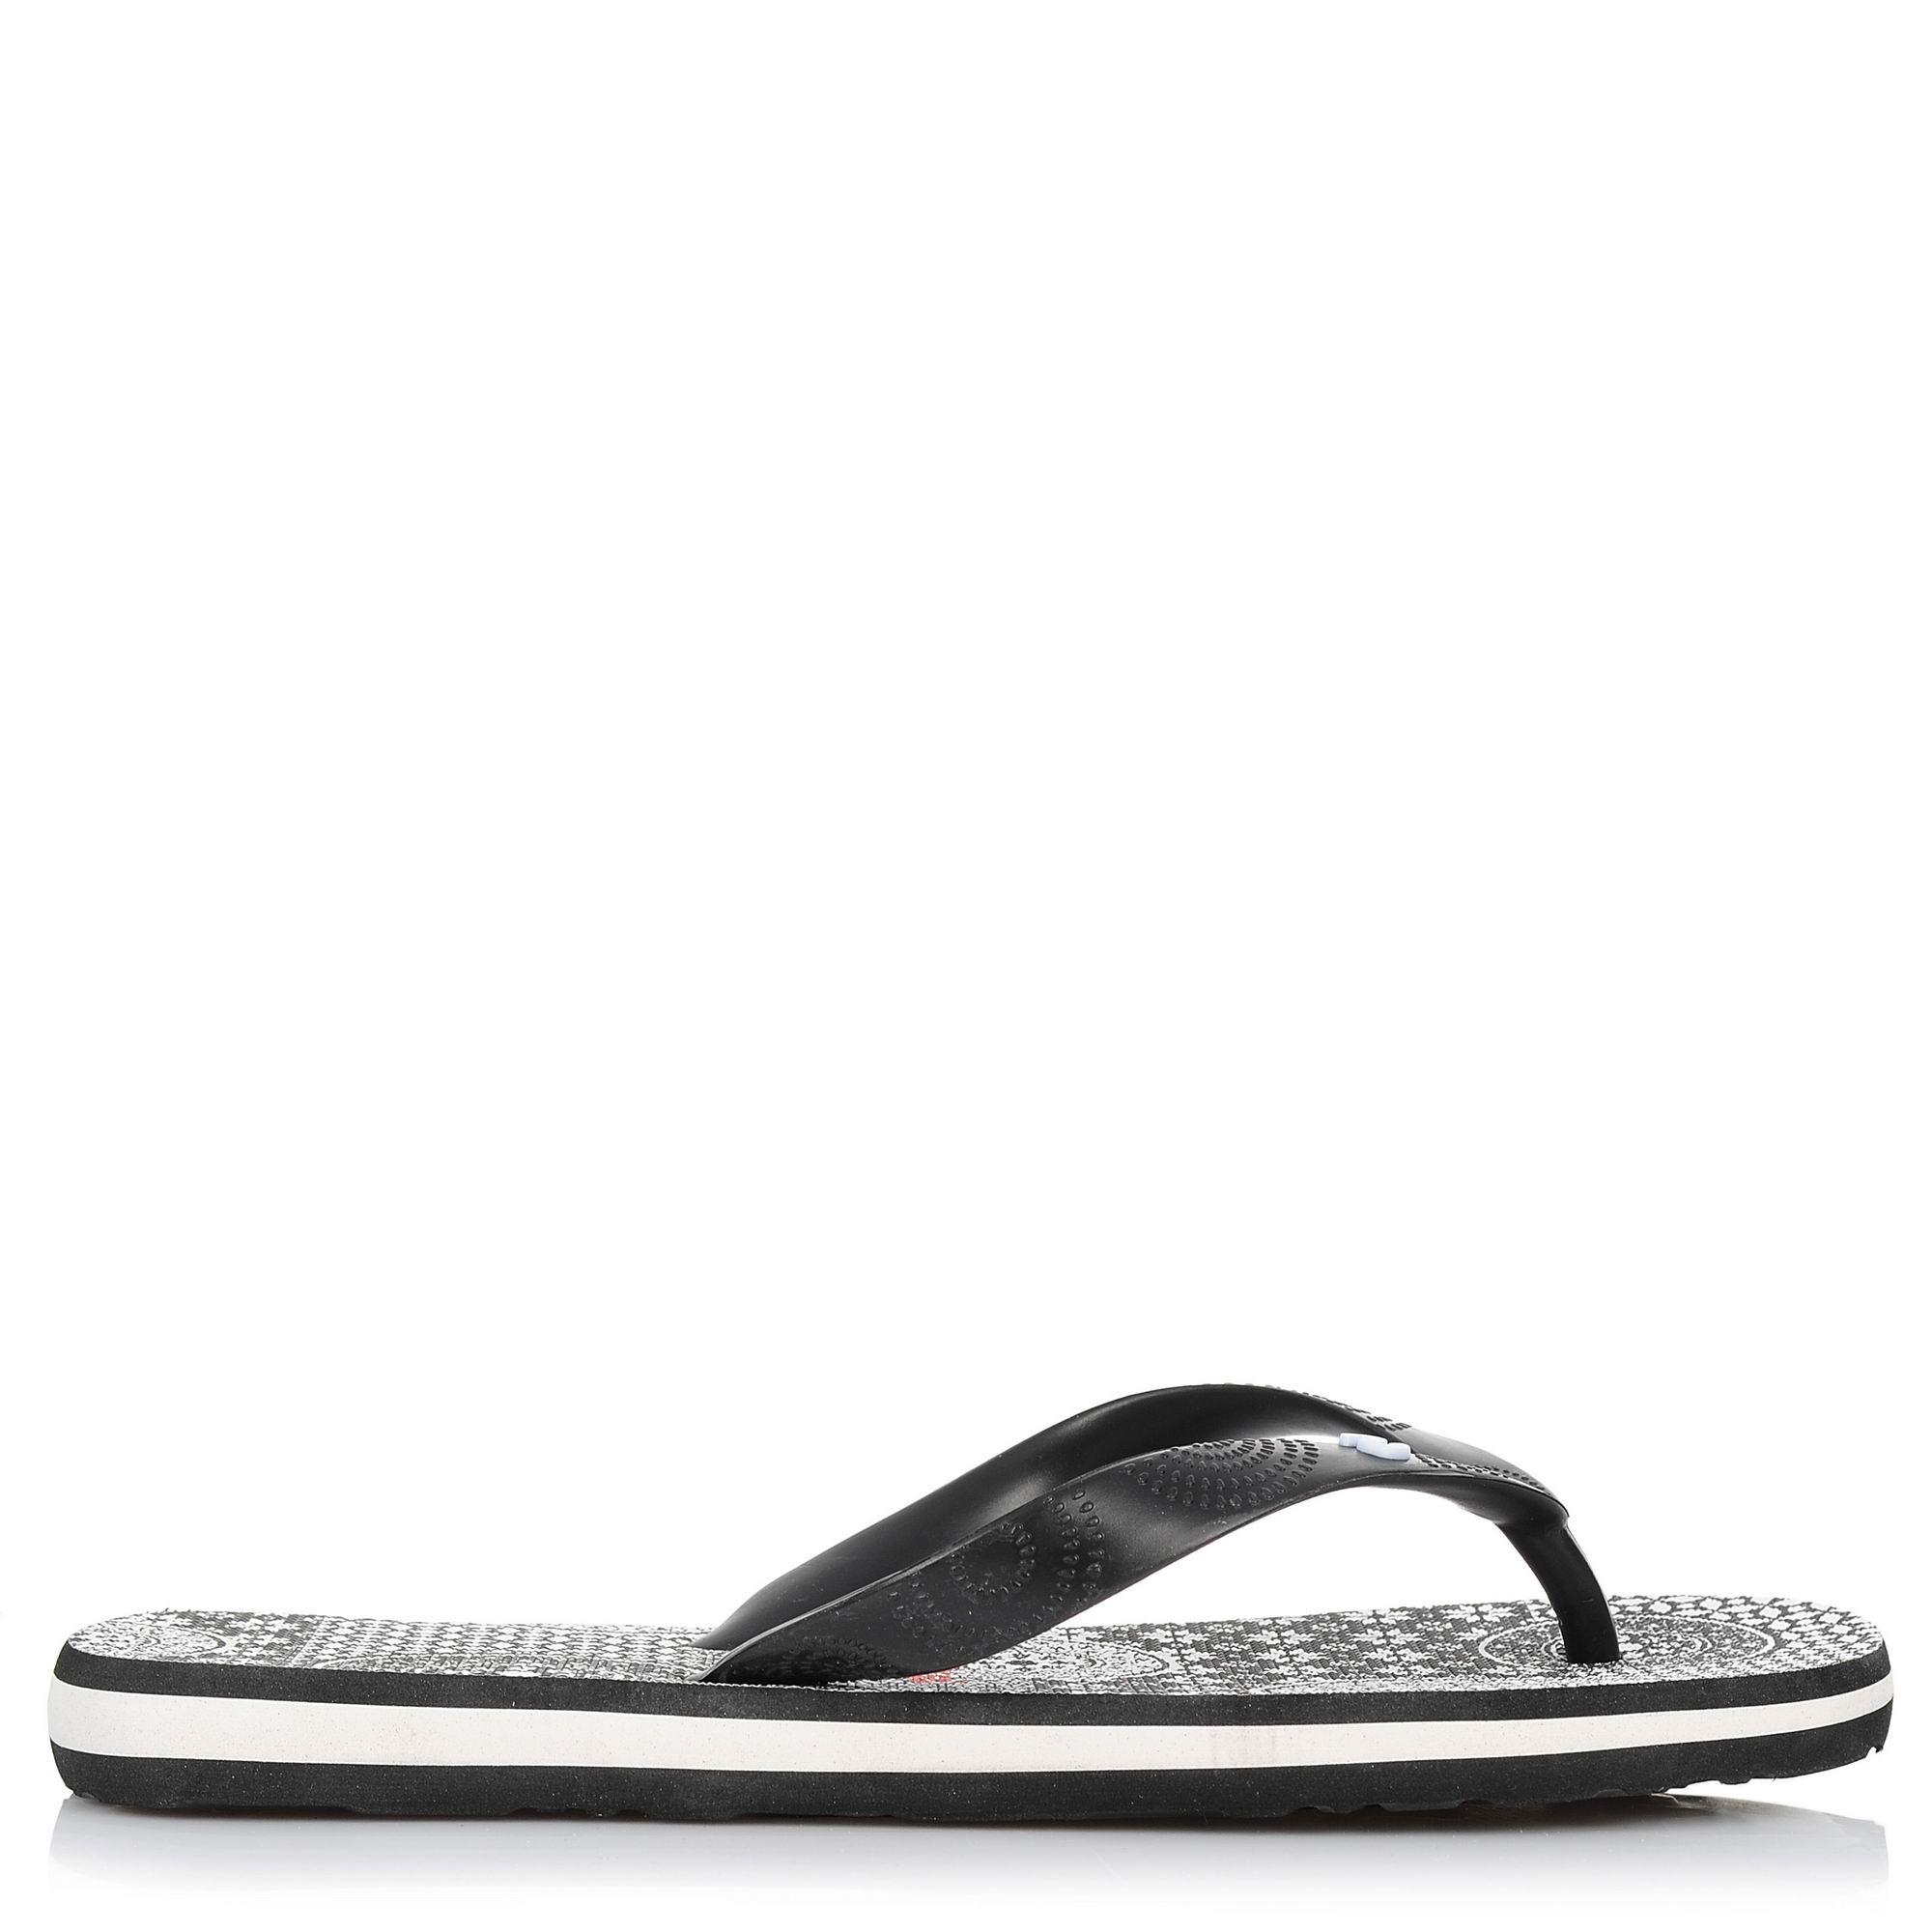 Σαγιονάρες Desigual Shoes Flip Flop Alhambra 18SSHF18 γυναικα   γυναικείο παπούτσι